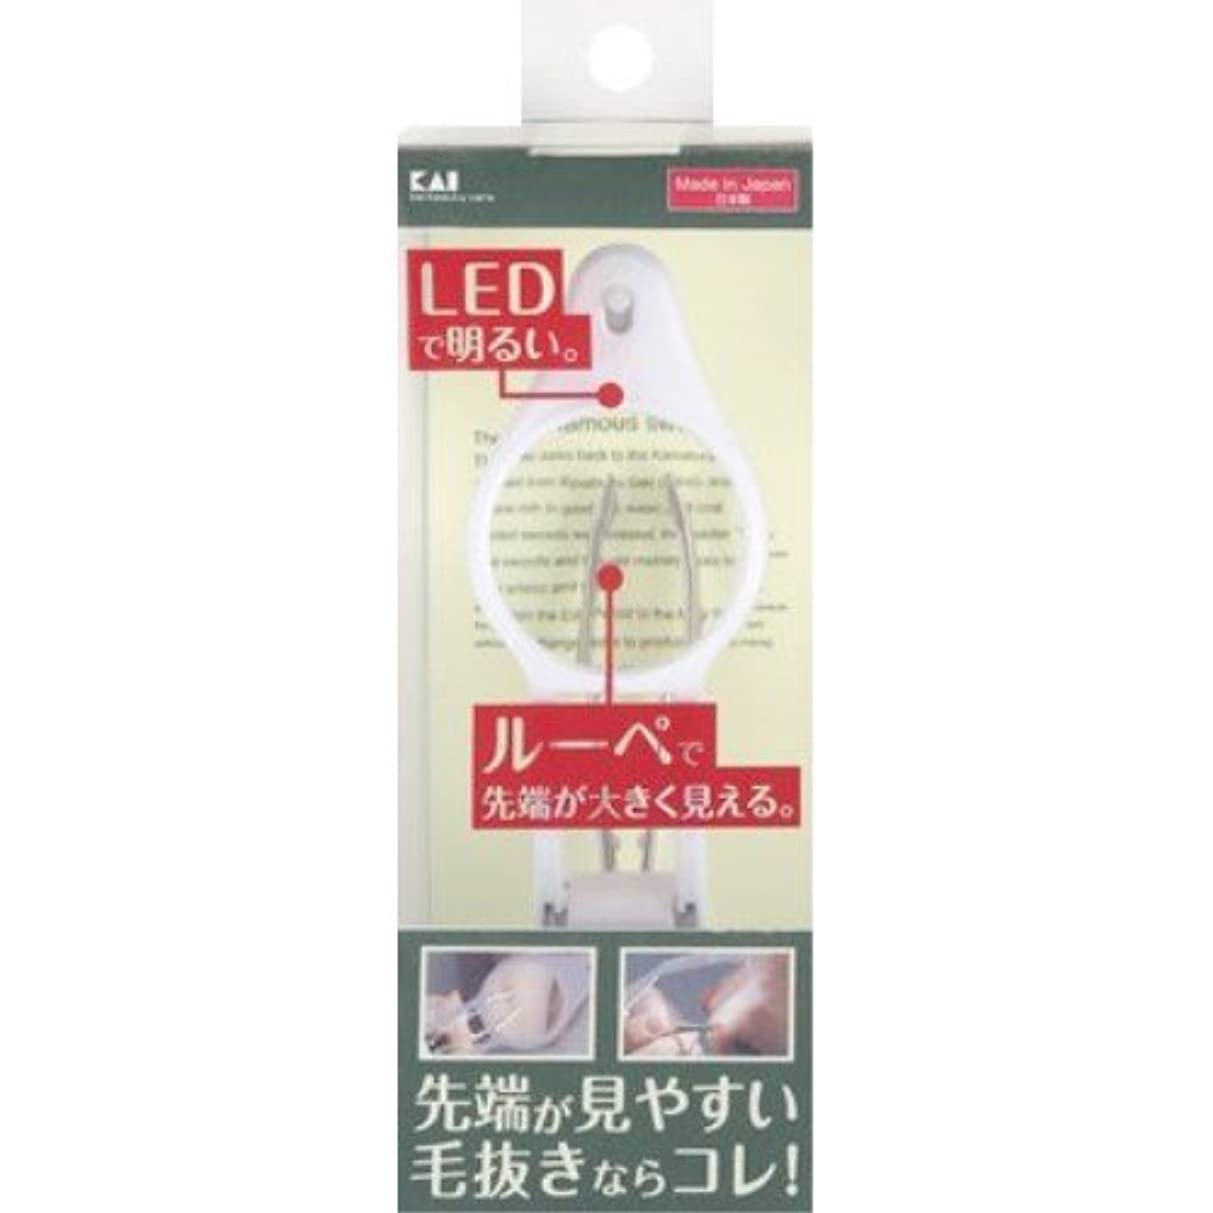 エレクトロニック修羅場雰囲気貝印 LEDルーペ付き毛抜き KQ0330